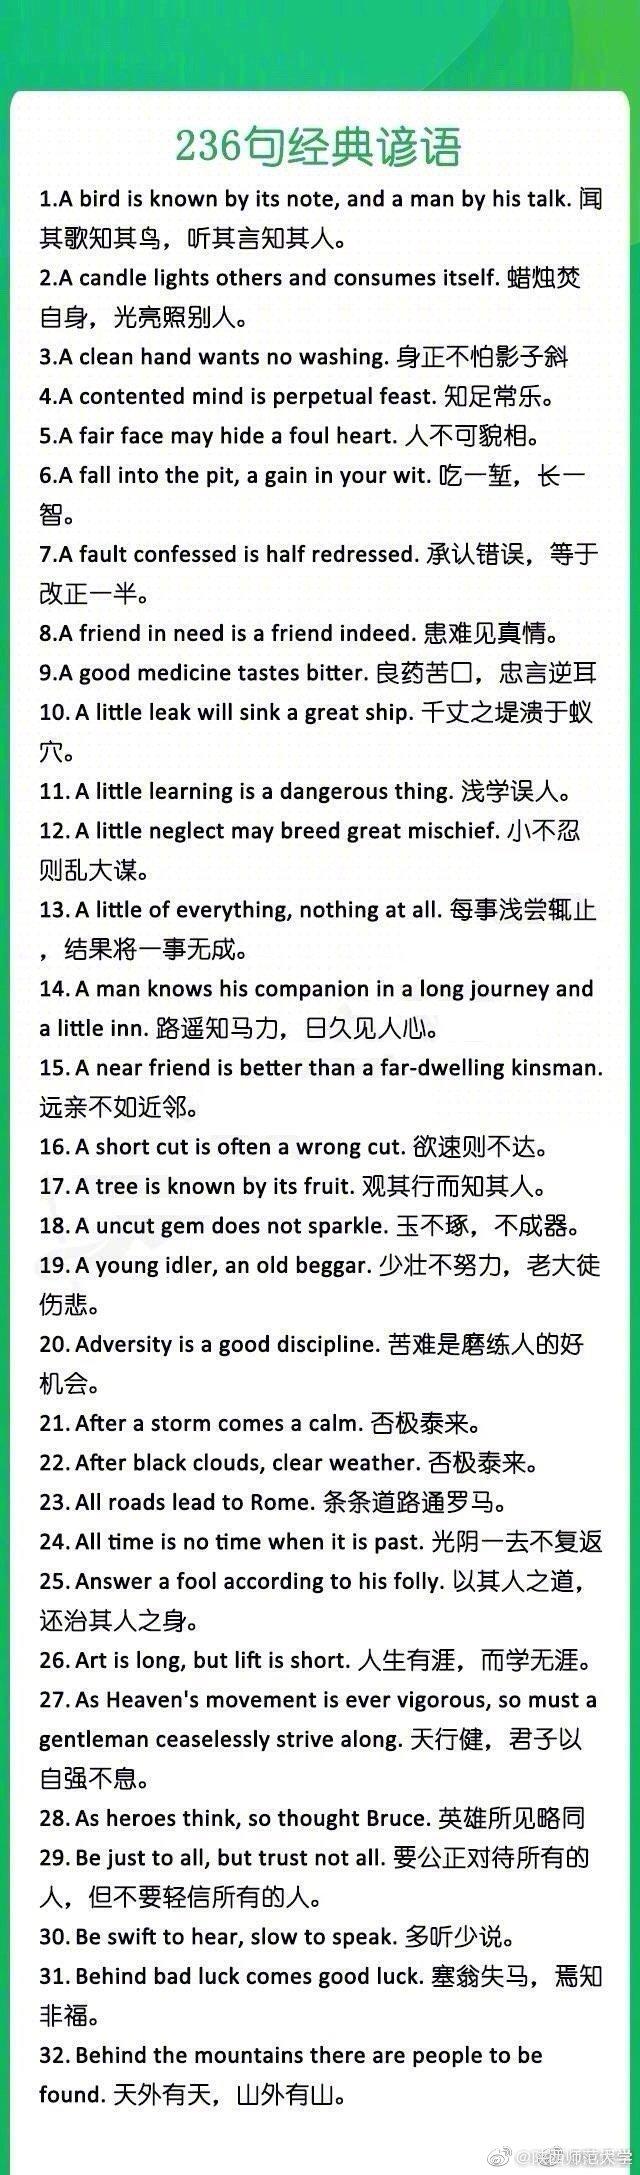 236句经典谚语英汉互译,考研英语,英语四六级都能用得上